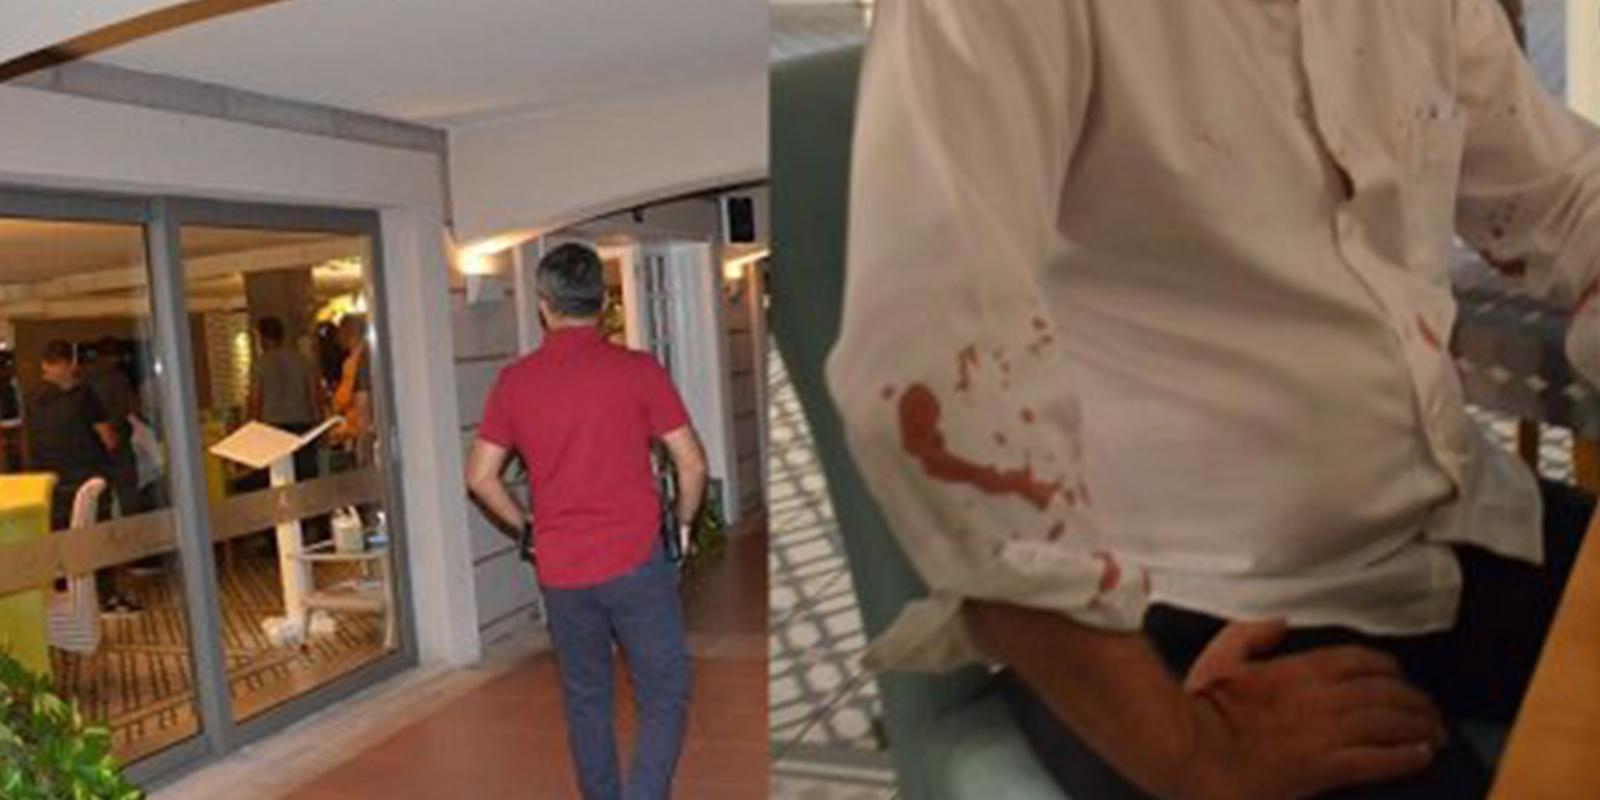 Beyzbol sopalı saldırıya uğramıştı! Didim Belediye Başkanı Ahmet Deniz Atabay hastaneye kaldırıldı!